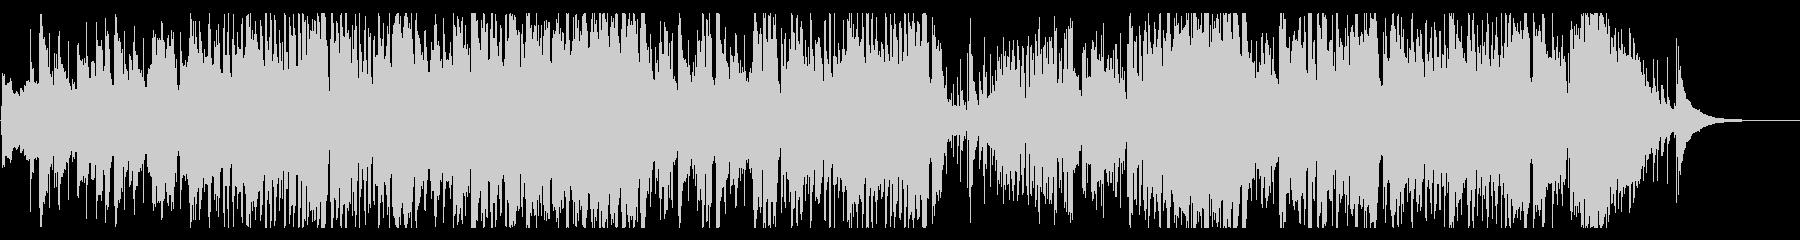 コンガ+トランペットのジャズテイスト曲の未再生の波形